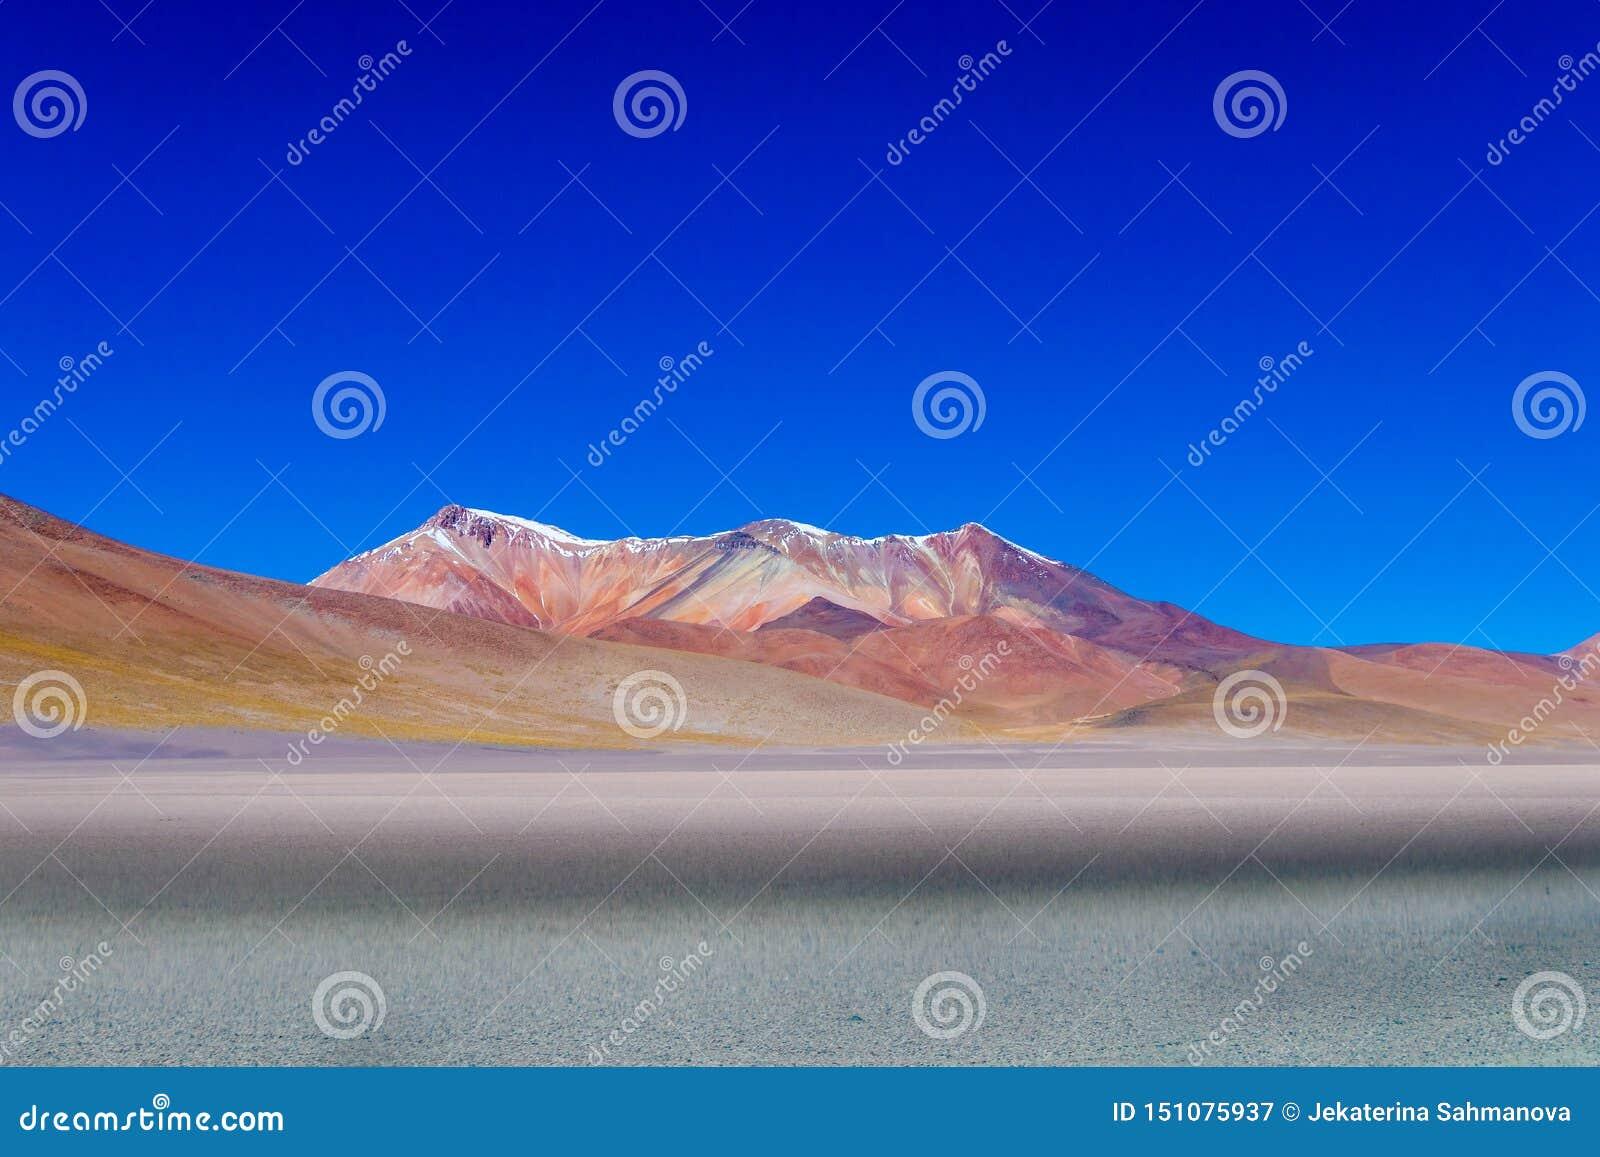 Fond avec le paysage stérile de désert dans le Bolivien les Andes, dans la réserve naturelle Edoardo Avaroa